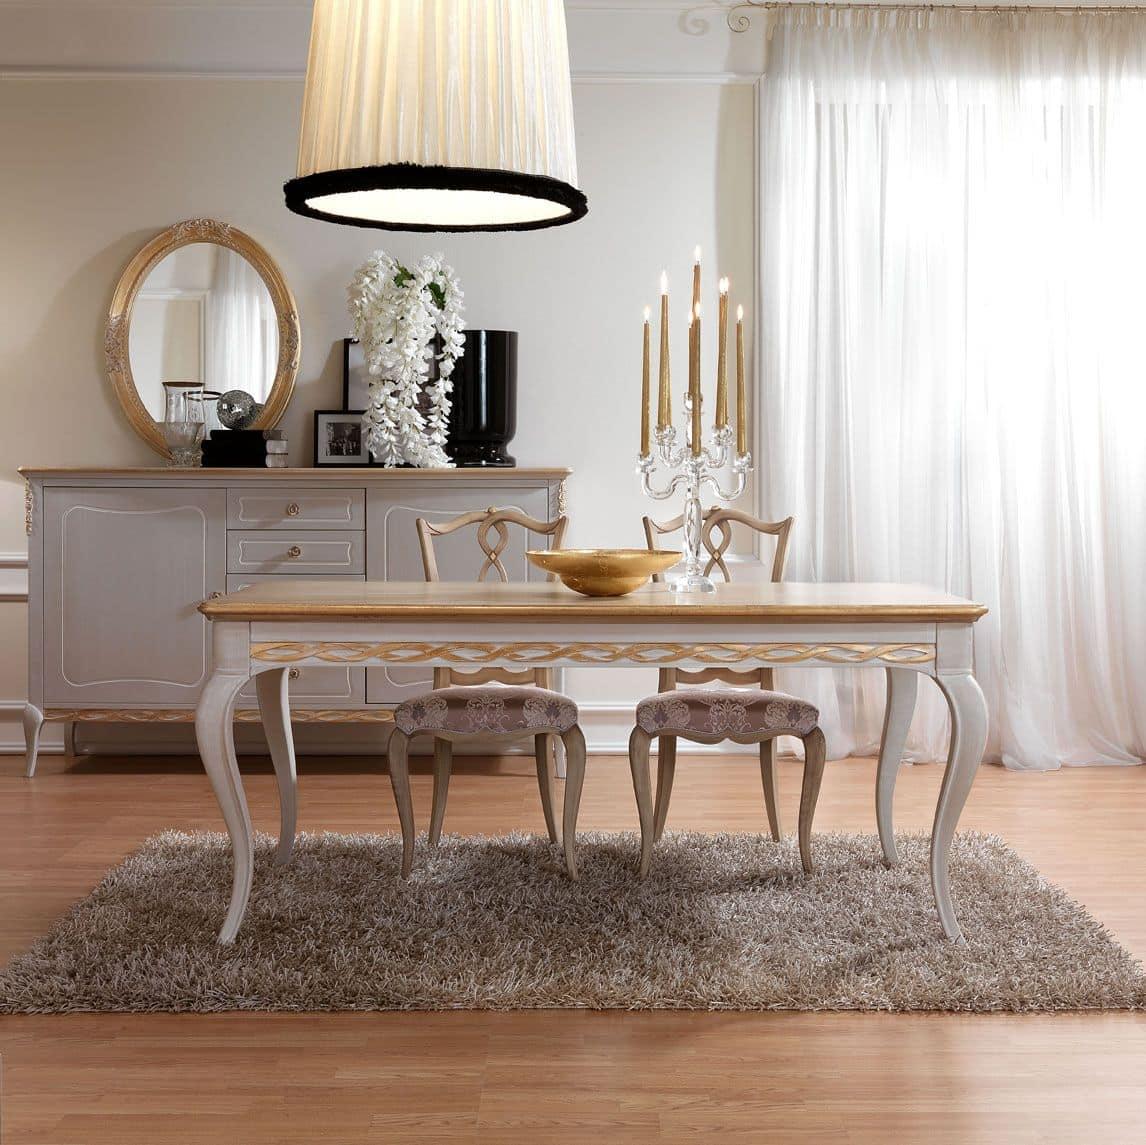 Credenza in legno decorato, in stile classico ...